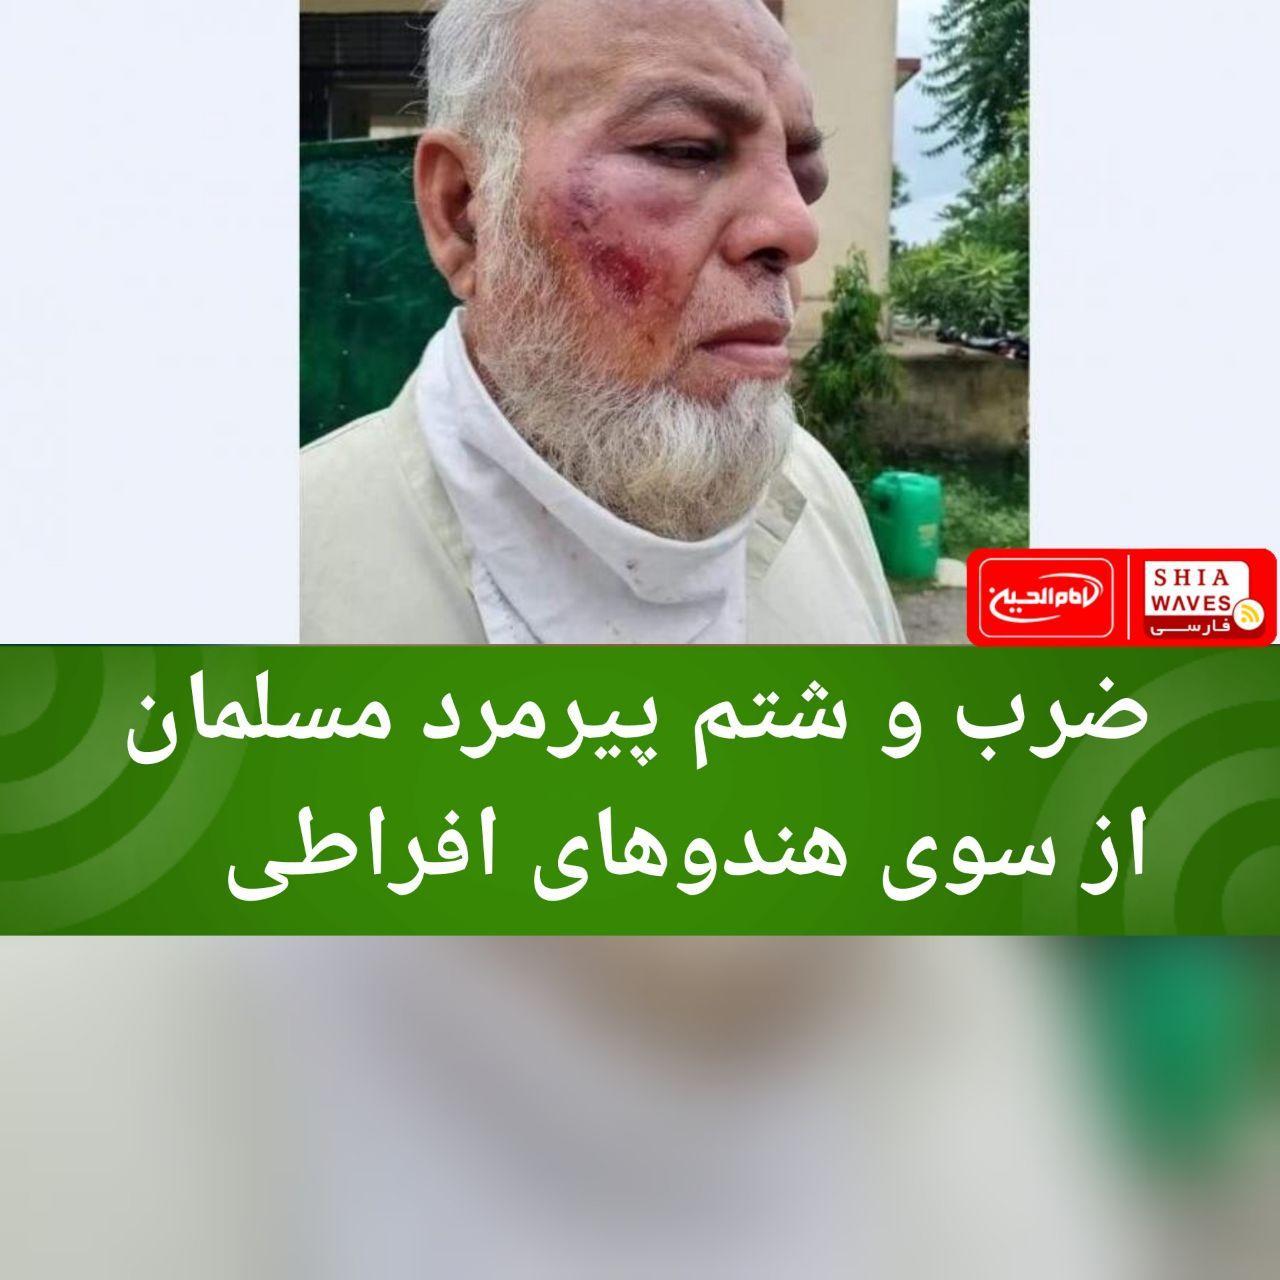 تصویر ضرب و شتم پیرمرد مسلمان از سوی هندوهای افراطی